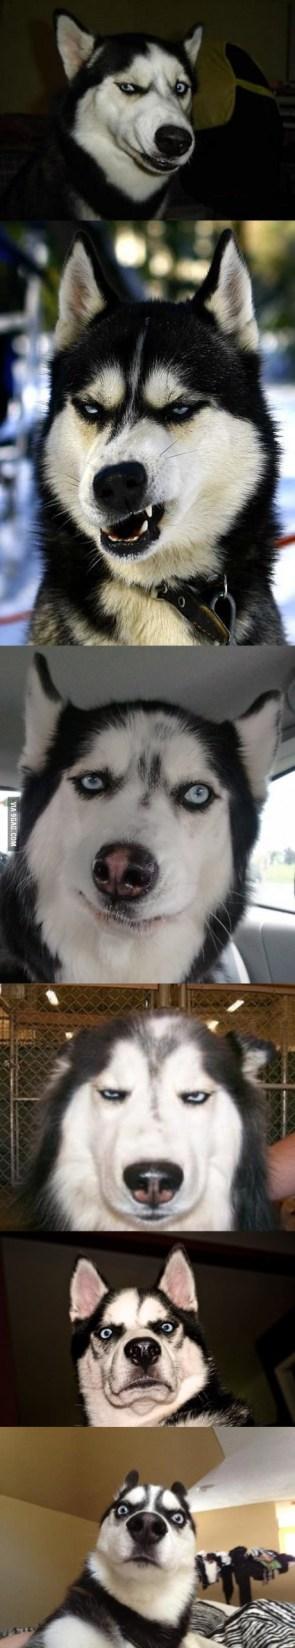 Expressive Husky